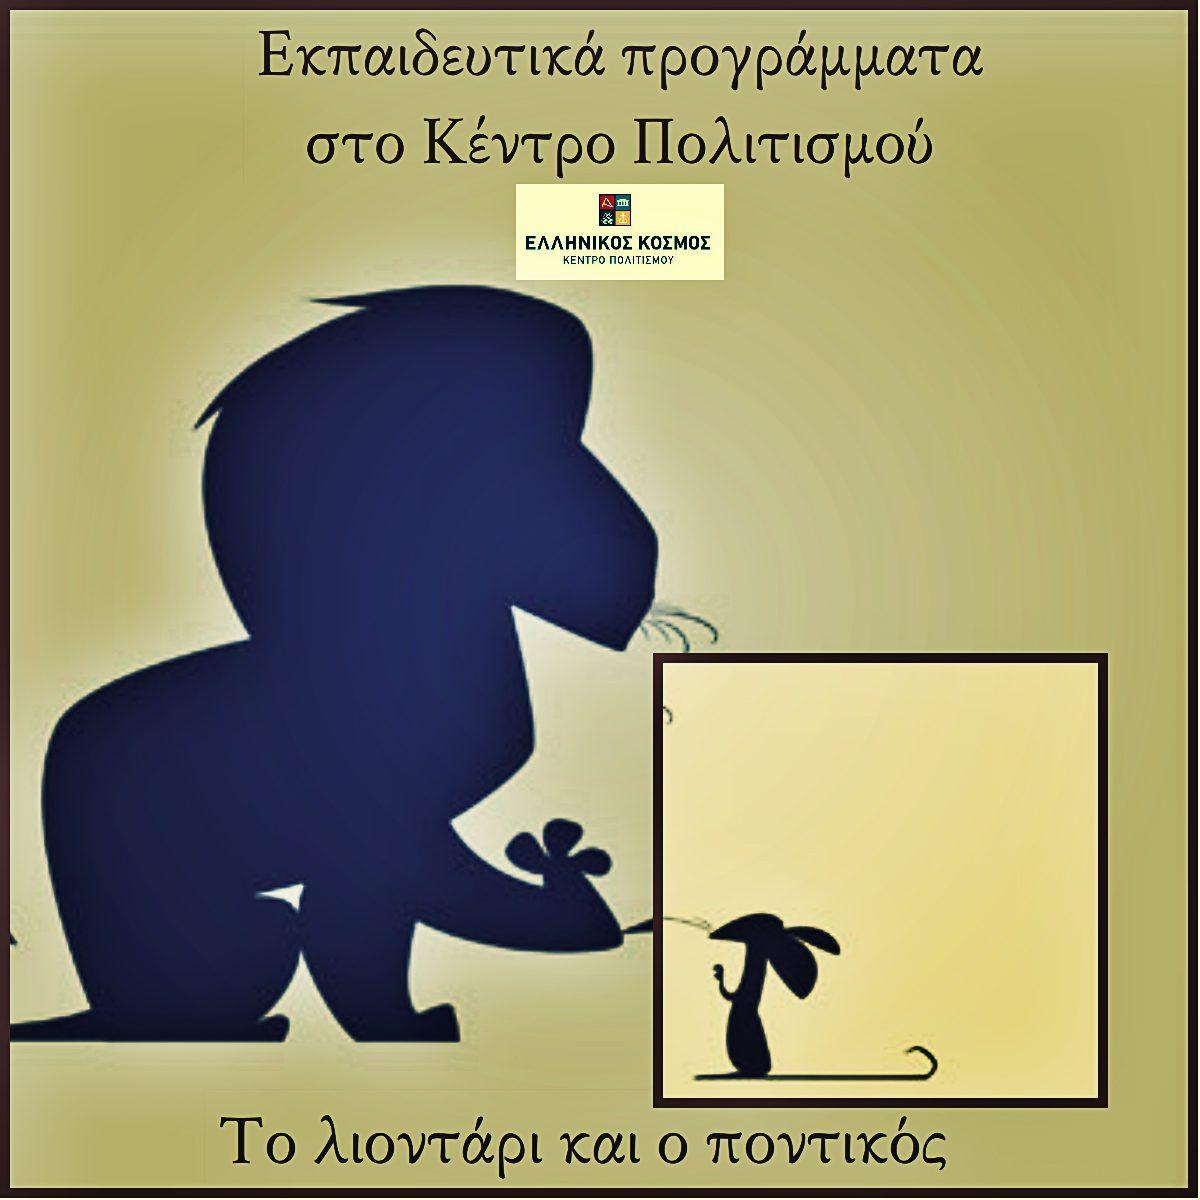 Εκπαιδευτικά Προγράμματα Οκτωβρίου στον «Ελληνικό Κόσμο»